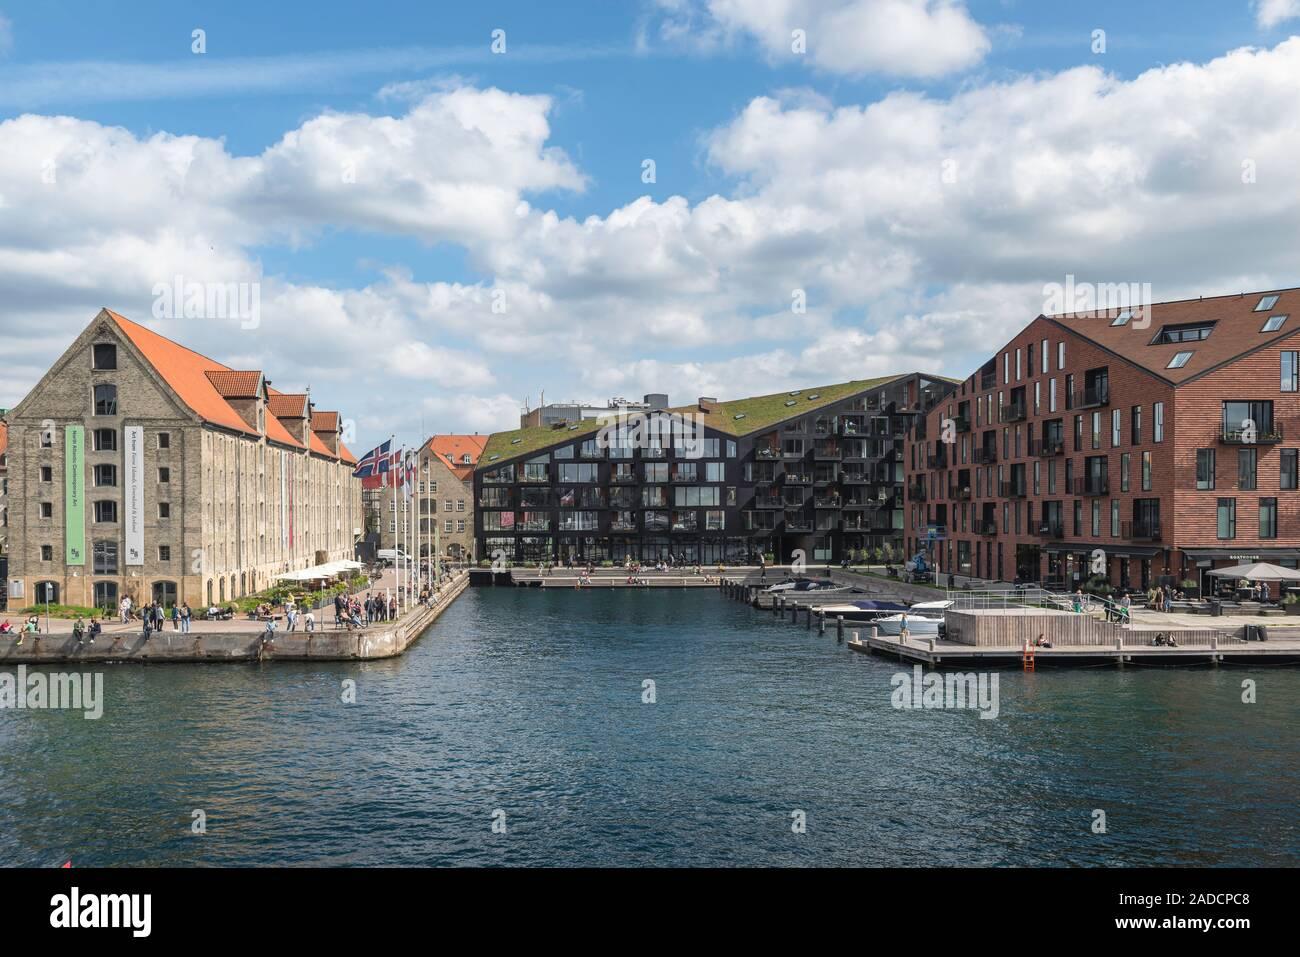 Arquitectura de Copenhague, el contraste de estilos con el siglo XIX Nordatlantens Brygge (izquierda) y modernas Krøyers Plads (derecha), Christianshavn, Copenhague. Foto de stock